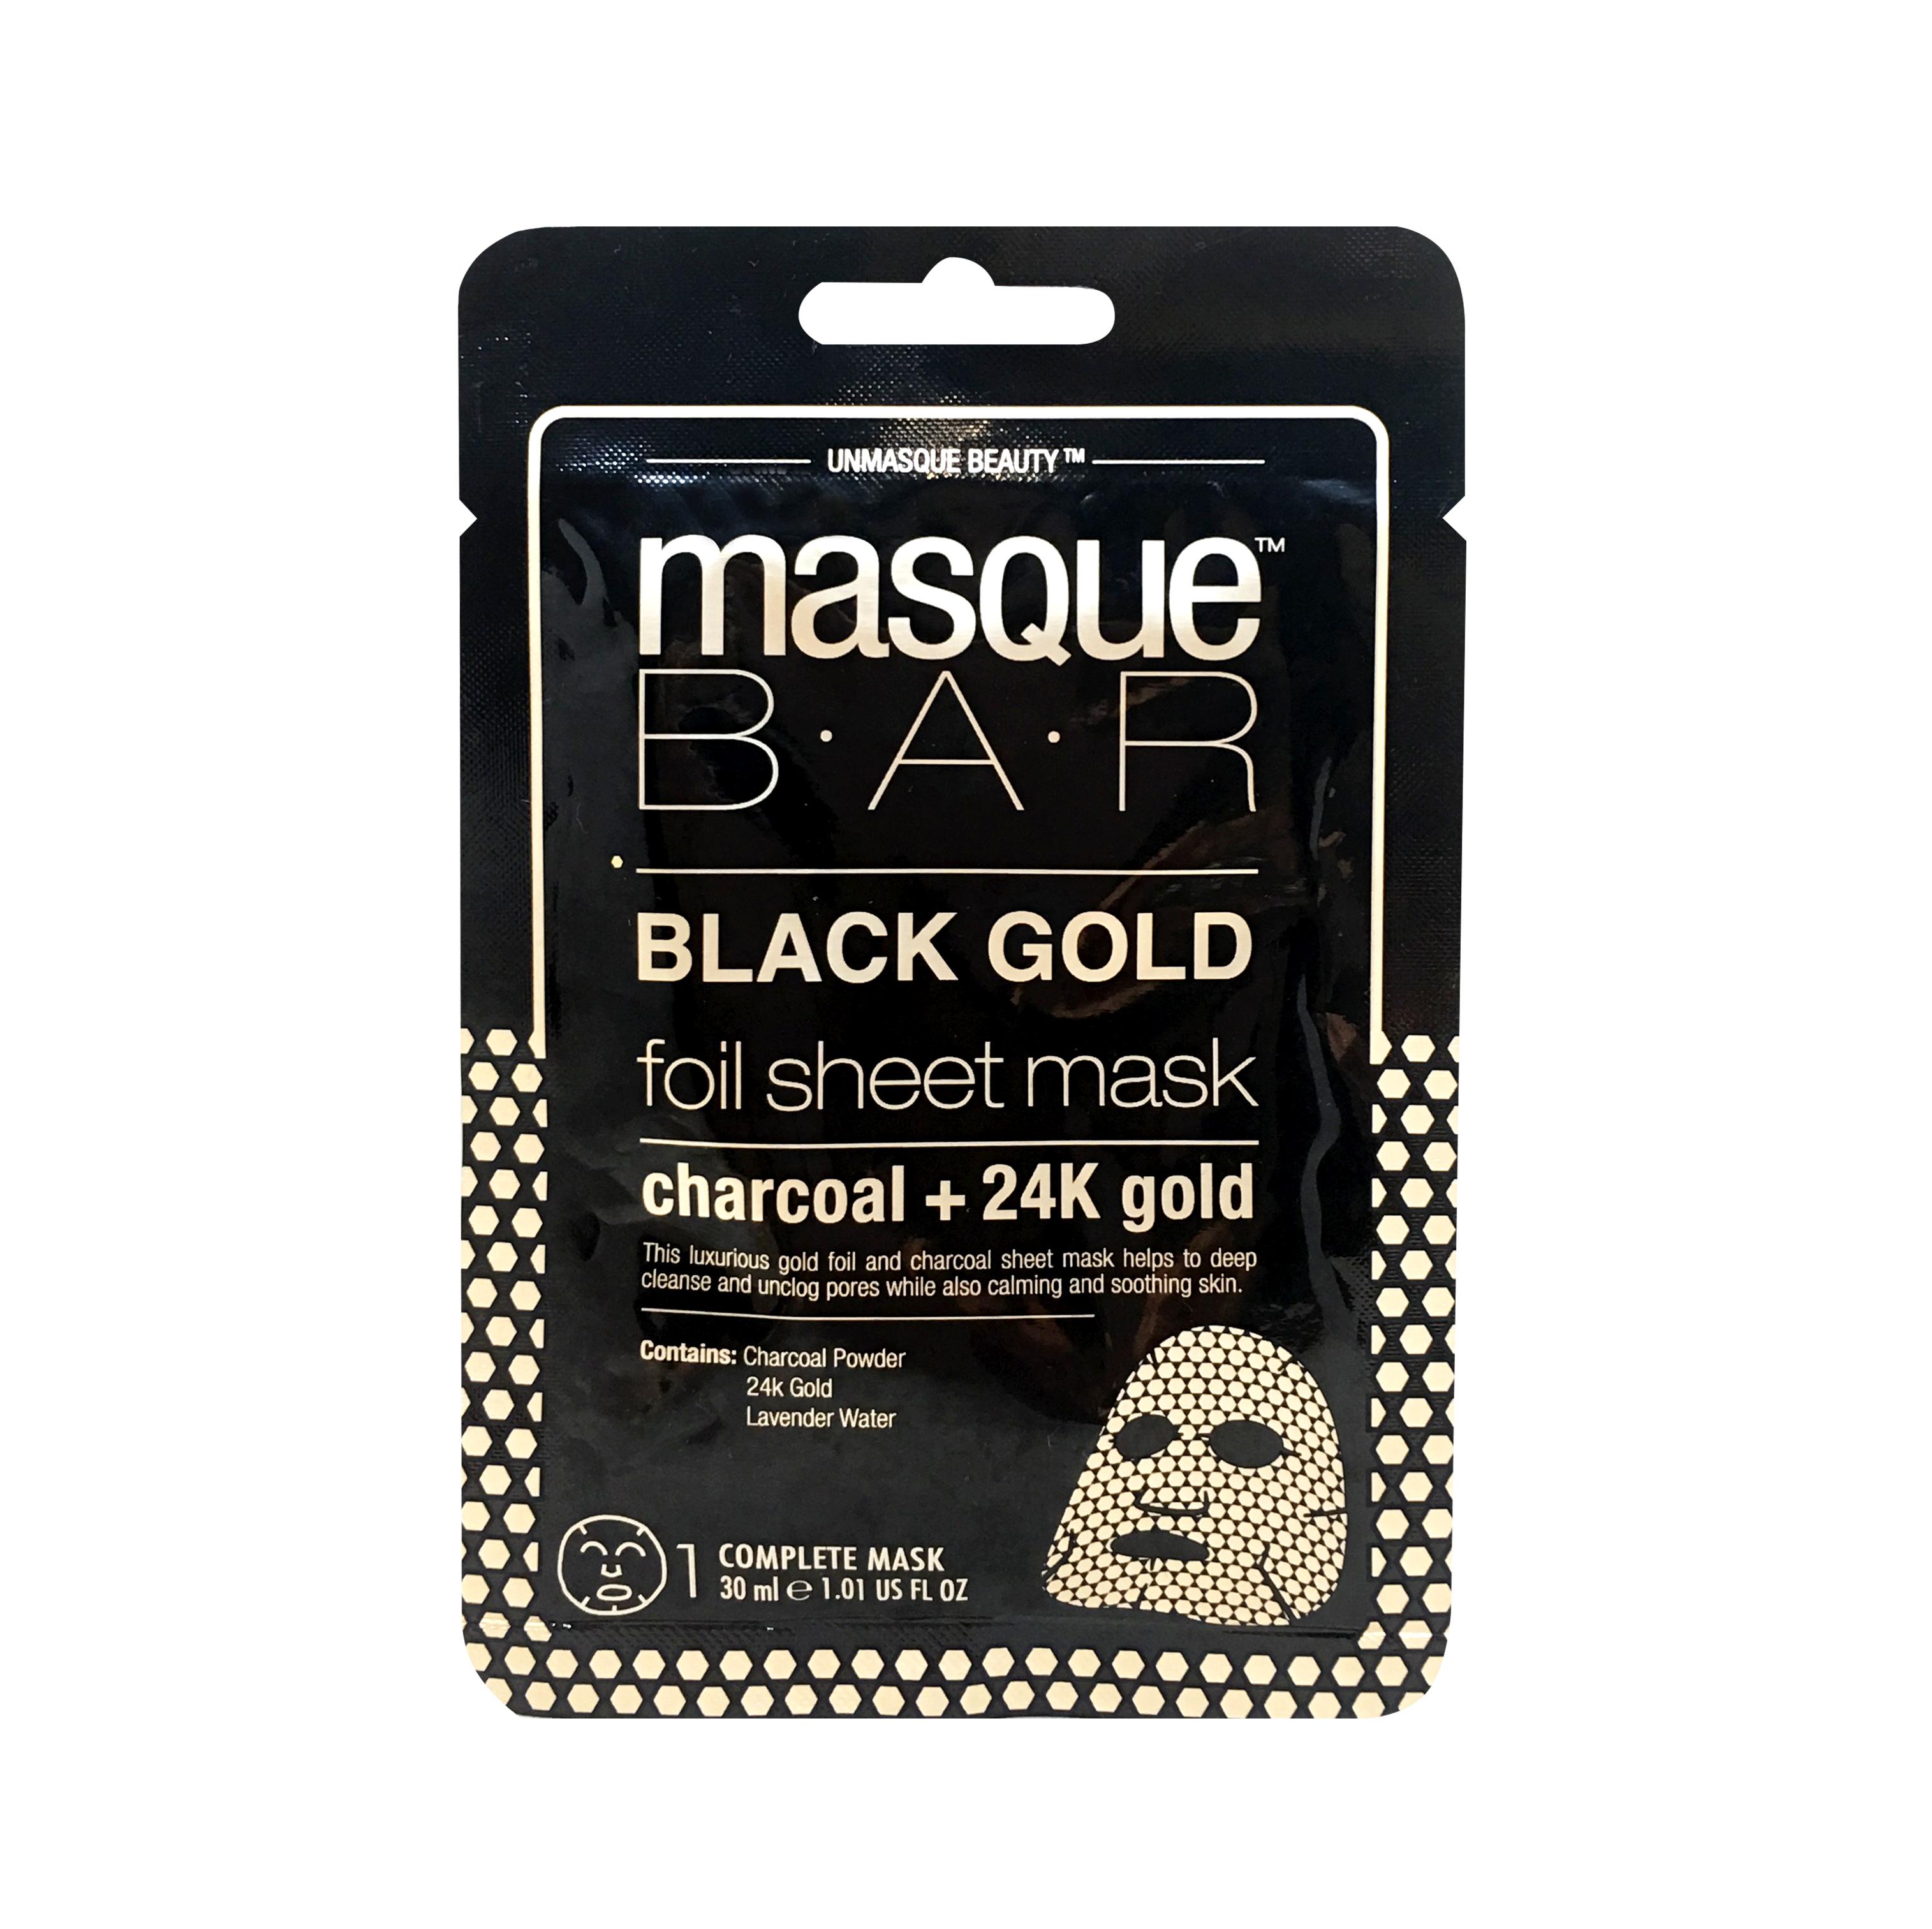 Black Gold Foil Charcoal + 24K Gold Sheet Mask 21ml